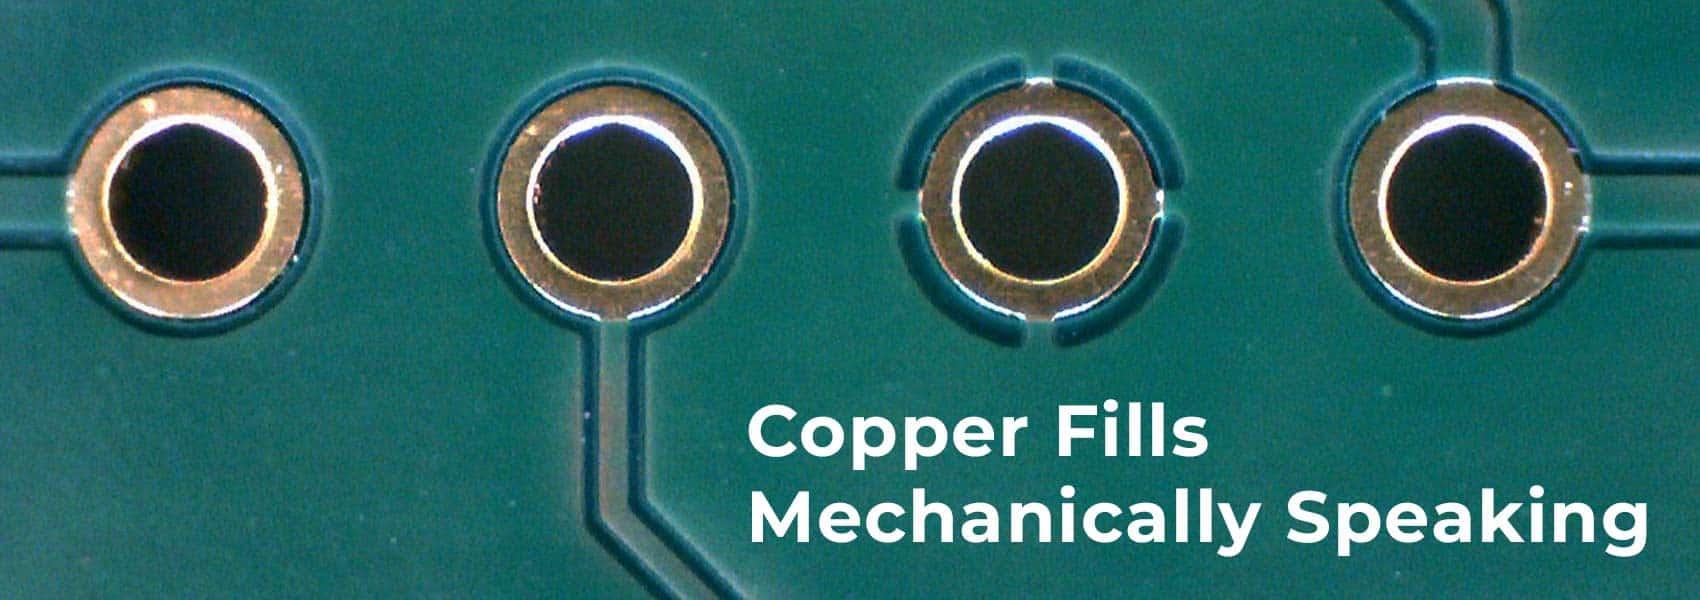 Copper-Fills-Blog-Banner